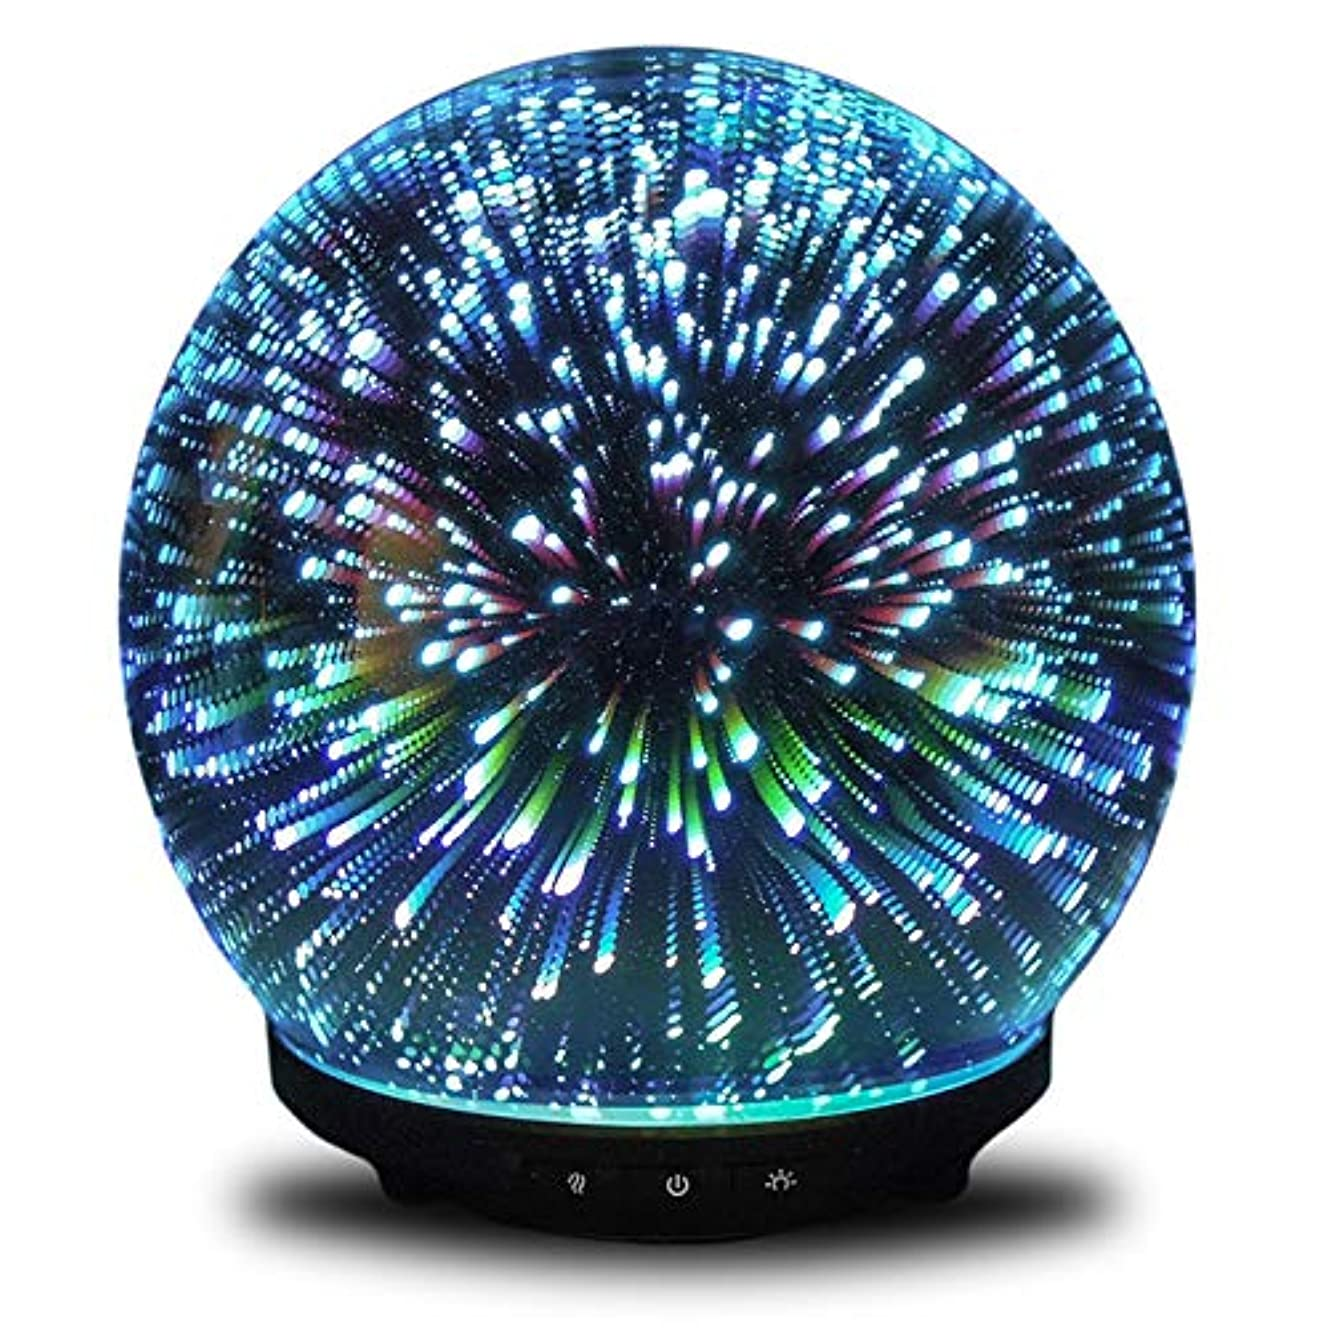 フィルタソロ森ORION by Simply Diffusers | Original 3D Aromatherapy Essential Oil Cool Mist Diffuser | 3 Button Technology for...